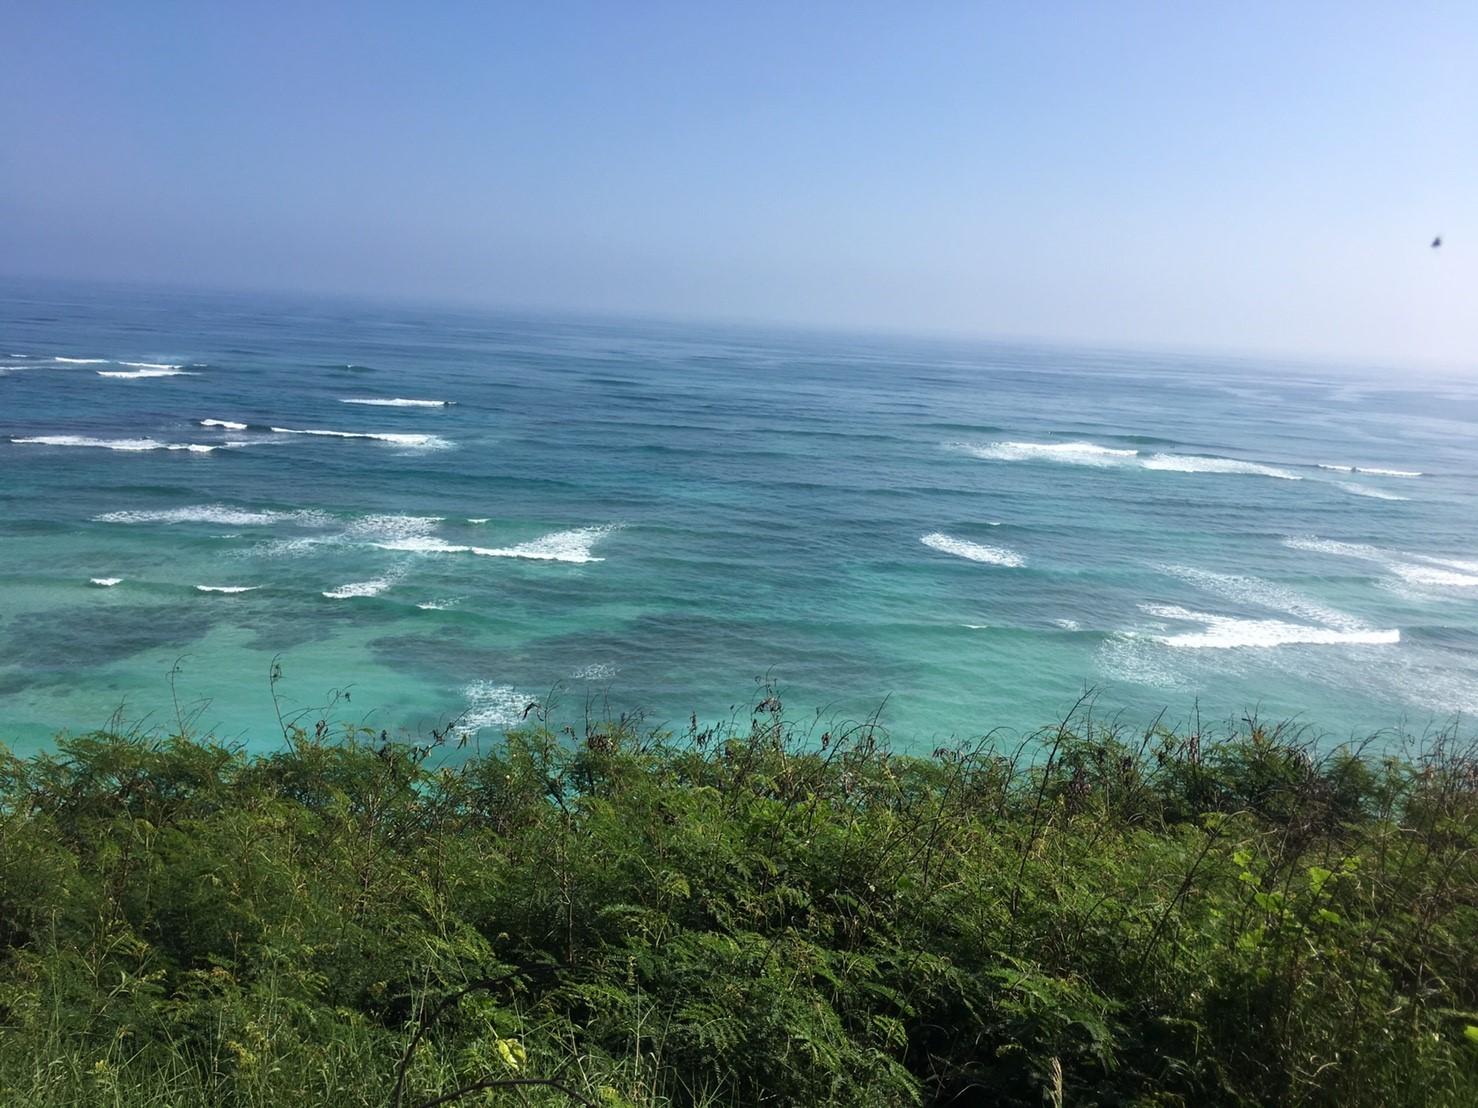 洋画が好きならクアロアランチでロケ地ツアーが楽しい【ハワイ新婚旅行】